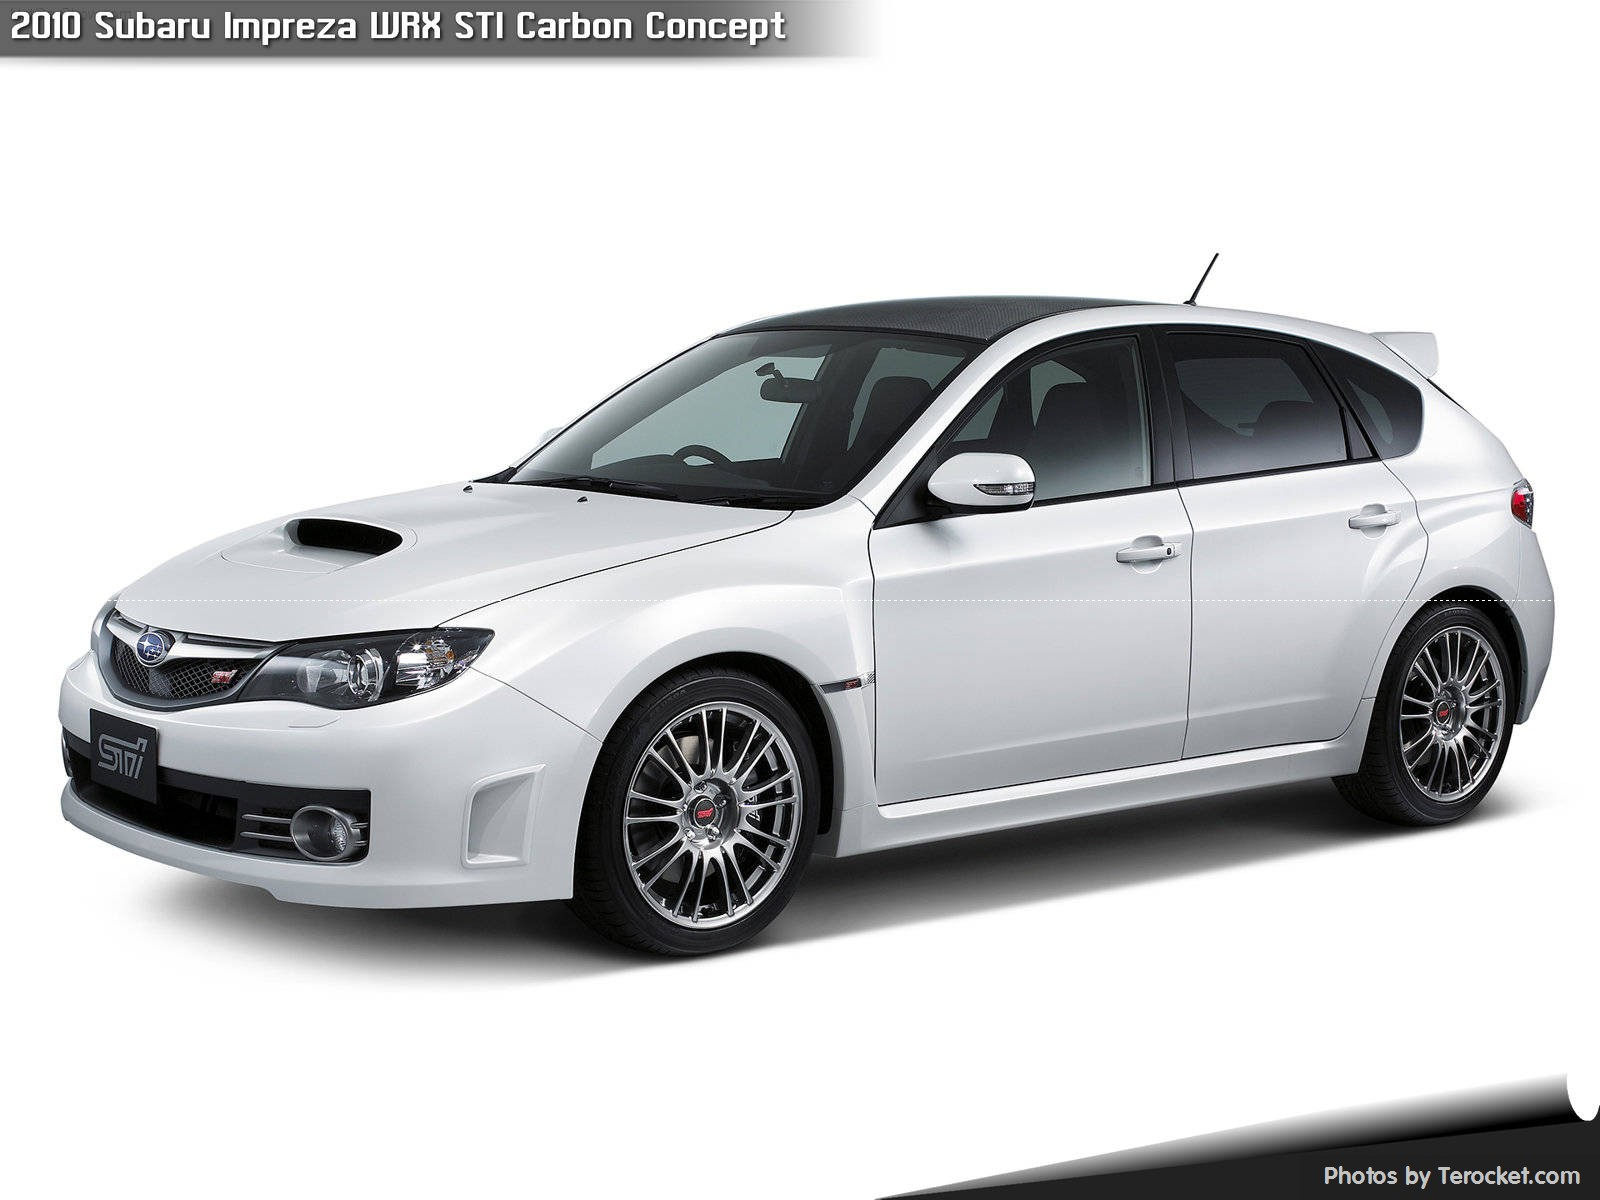 Hình ảnh xe ô tô Subaru Impreza WRX STI Carbon Concept 2010 & nội ngoại thất